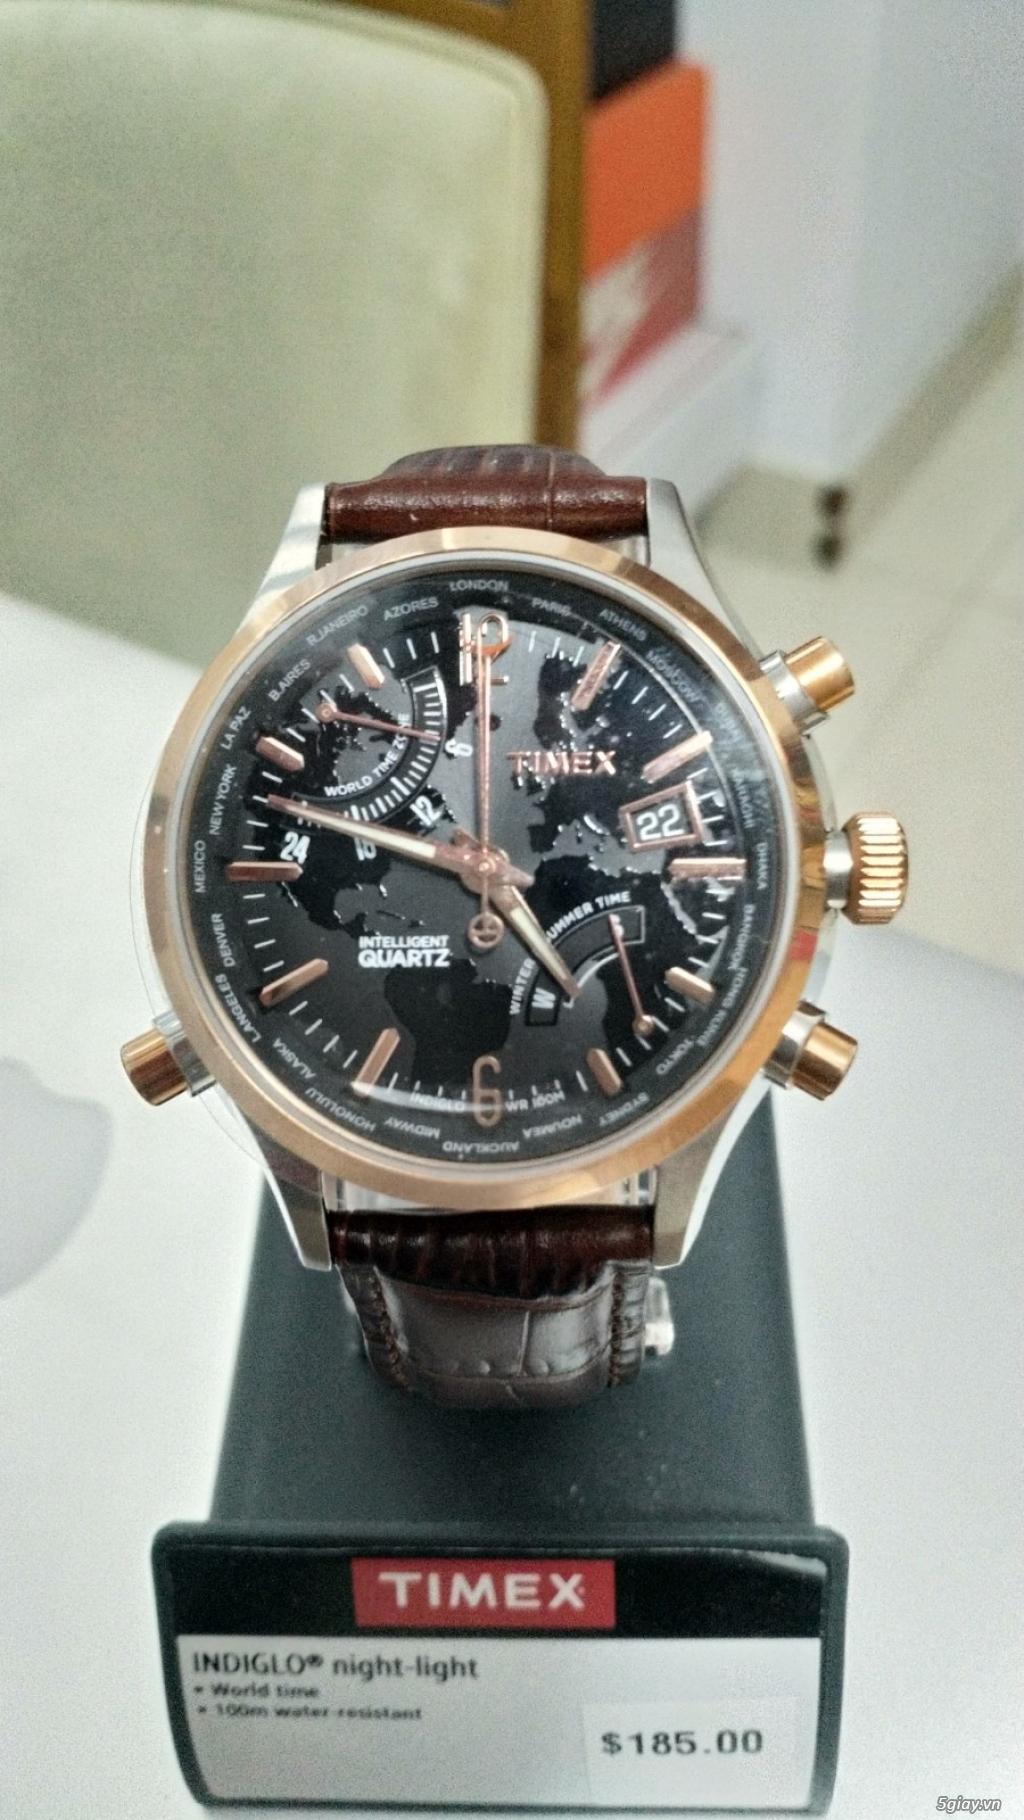 Đồng hồ nam hiệu Timex chính hãng xách tay từ Mỹ - 2